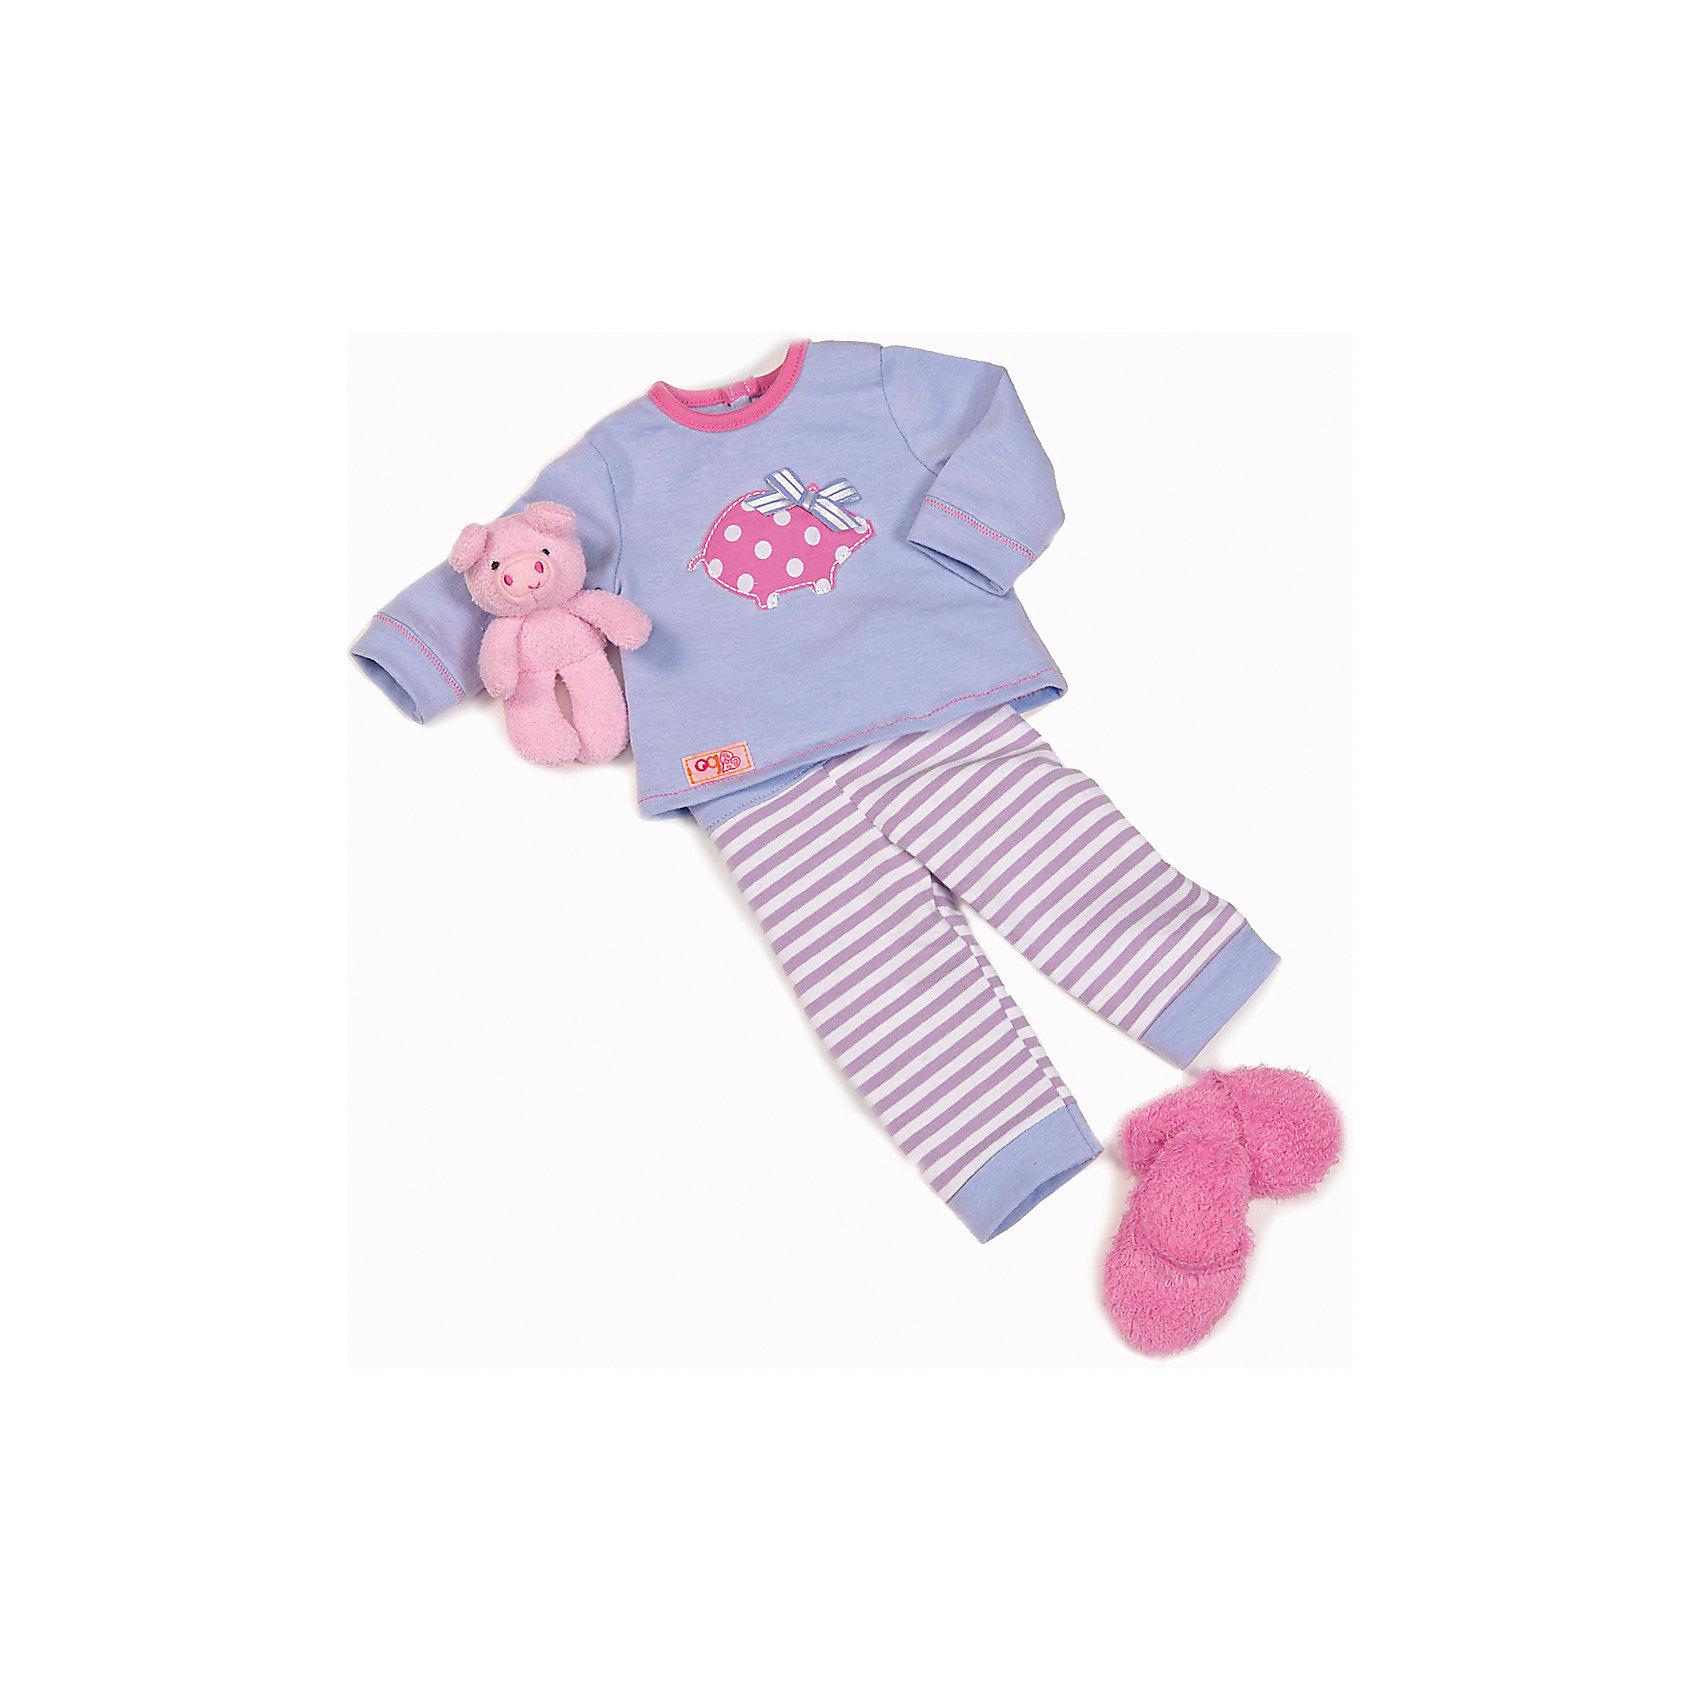 Одежда для куклы, 46 см, Our Generation DollsКуклы-модели<br>Одежда для куклы, 46 см, Our Generation Dolls (Куклы нашего поколения).  Our Generation Dolls (Куклы нашего поколения) ? канадская торговая марка компании Battat, которая выпускает экологически безопасных кукол и аксессуары к ним. Комплект одежды предназначен для куклы одноименной марки ростом 46 см, состоит из пижамы нежных пастельных оттенков, пушистых розовых тапочек и мягкой игрушки для сна. На одежде с левой стороны имеются фирменные лейблы. Весь комплект выполнен из материалов высокого качества, с ровными тщательно обработанными краями.<br>Реалистичность элементов одежды позволяет отработать навыки застегивания-расстегивания разного вида застежек.  <br>Одежда для куклы, 46 см, Our Generation Dolls (Куклы нашего поколения) ? идеальное решение для подарка девочке на любой праздник. Комплект одежды упакован в картонную коробку, которая трансформируется в подарочный вариант.<br><br>Дополнительная информация:<br><br>- Вид игр: сюжетно-ролевые<br>- Предназначение: для дома<br>- Материал: качественный текстиль<br>- Размер: на куклу Our Generation Dolls ростом 46 см<br>- Комплектация: пижама, тапочки, игрушка<br>- Цвет: голубой, розовый<br>- Особенности ухода: разрешается ручная стирка<br><br>Подробнее:<br><br>• Для детей в возрасте: от 3 лет<br>• Страна производитель: Китай<br>• Торговый бренд: Our Generation Dolls<br><br>Одежду для куклы, 46 см, Our Generation Dolls (Куклы нашего поколения) можно купить в нашем интернет-магазине.<br><br>Ширина мм: 22<br>Глубина мм: 4<br>Высота мм: 33<br>Вес г: 270<br>Возраст от месяцев: 36<br>Возраст до месяцев: 2147483647<br>Пол: Унисекс<br>Возраст: Детский<br>SKU: 4871820